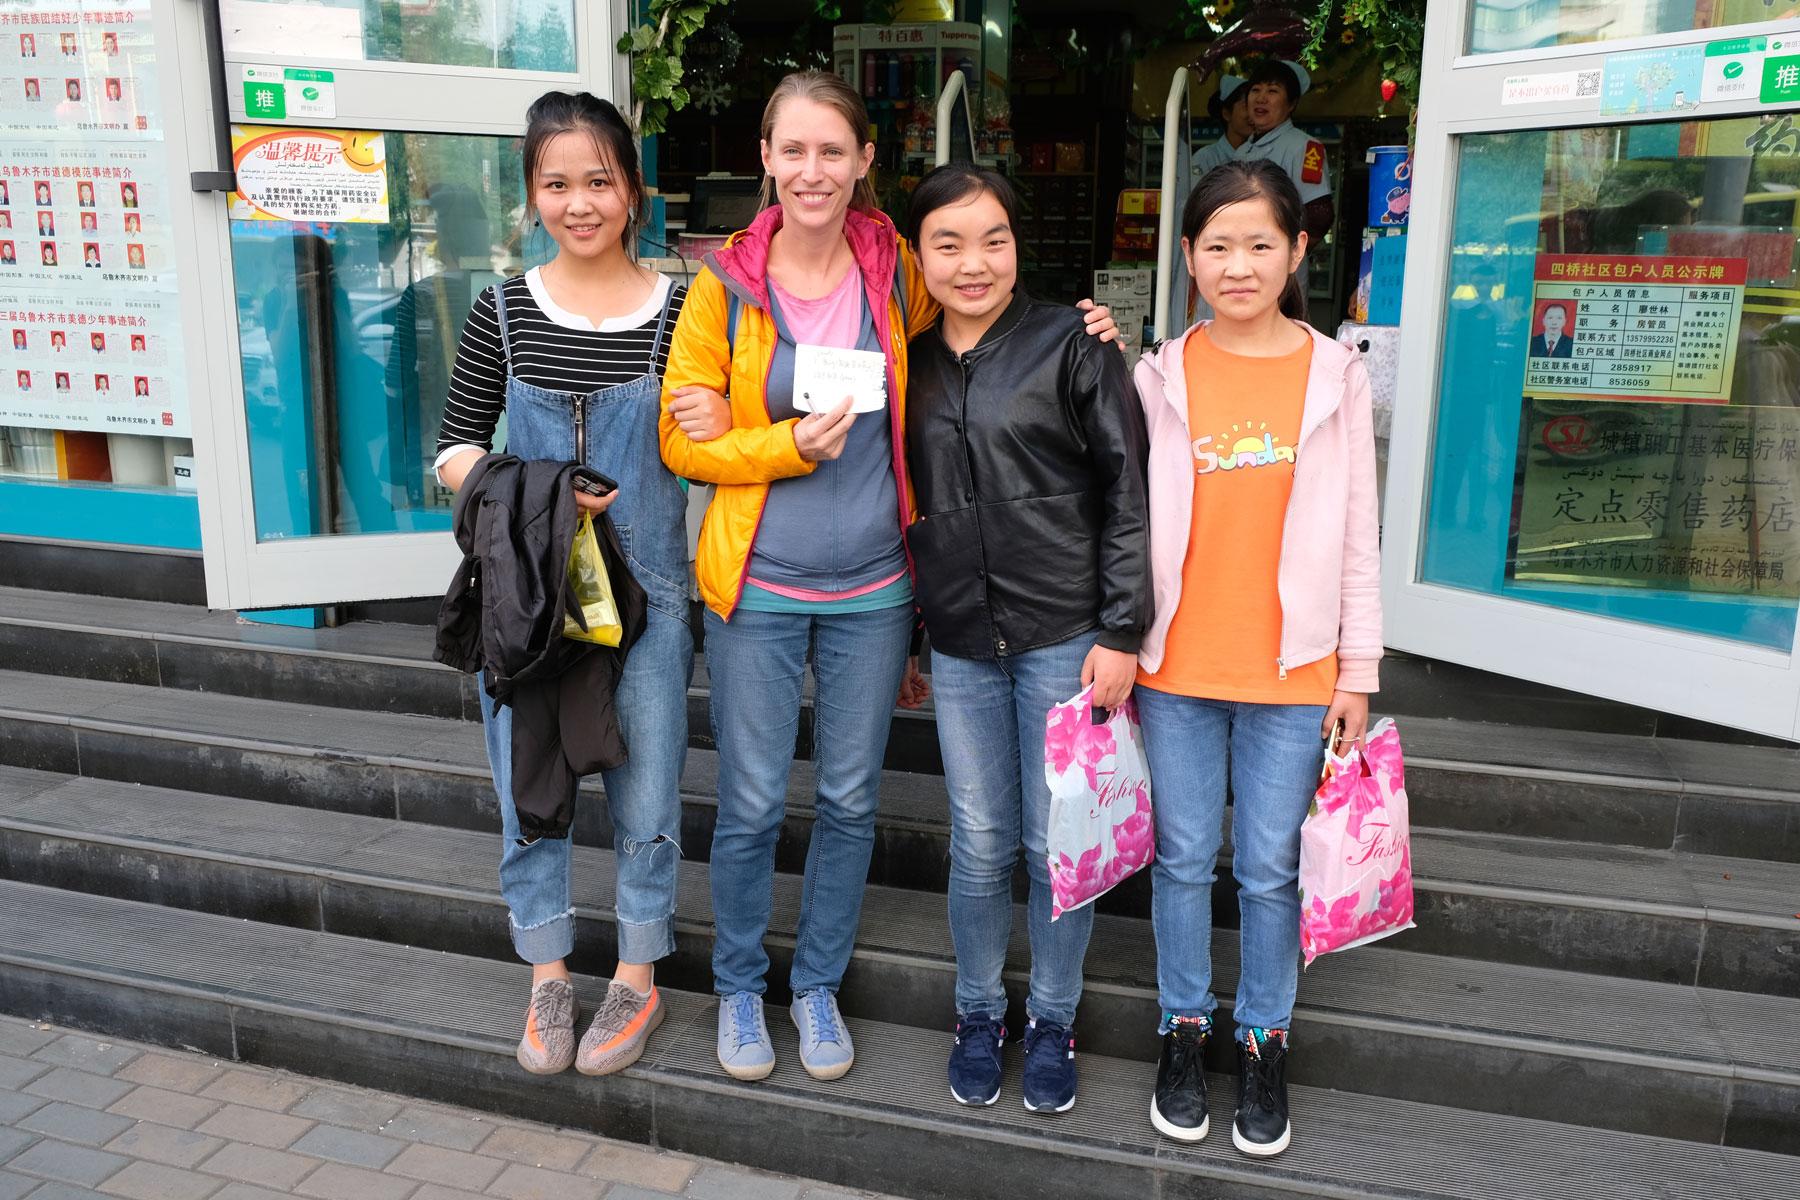 Diese drei netten Schülerinnen statten uns mit einem Zettel aus, der auf Chinesisch unser Anliegen beschreibt.